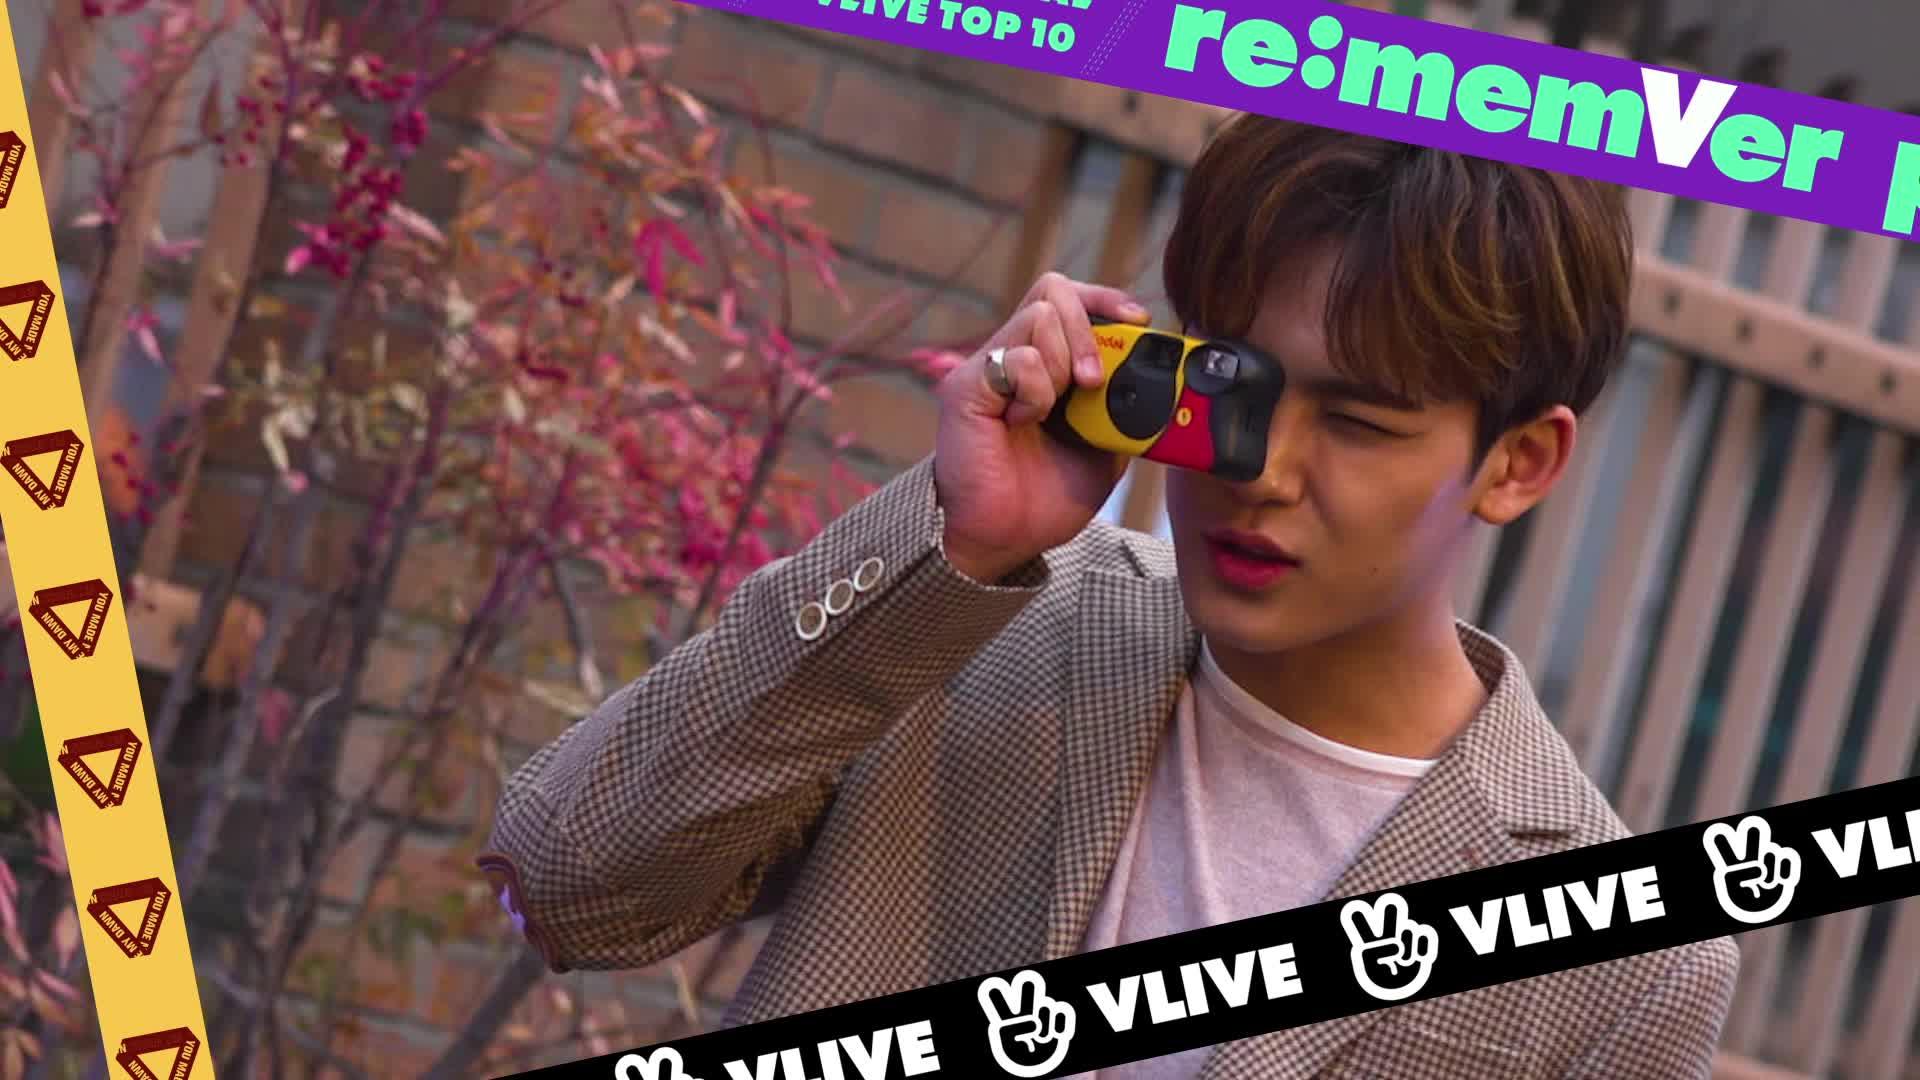 세븐틴 리멤버파티 시상식 메이킹 <re:memVer again> / 2019 GLOBAL VLIVE TOP 10